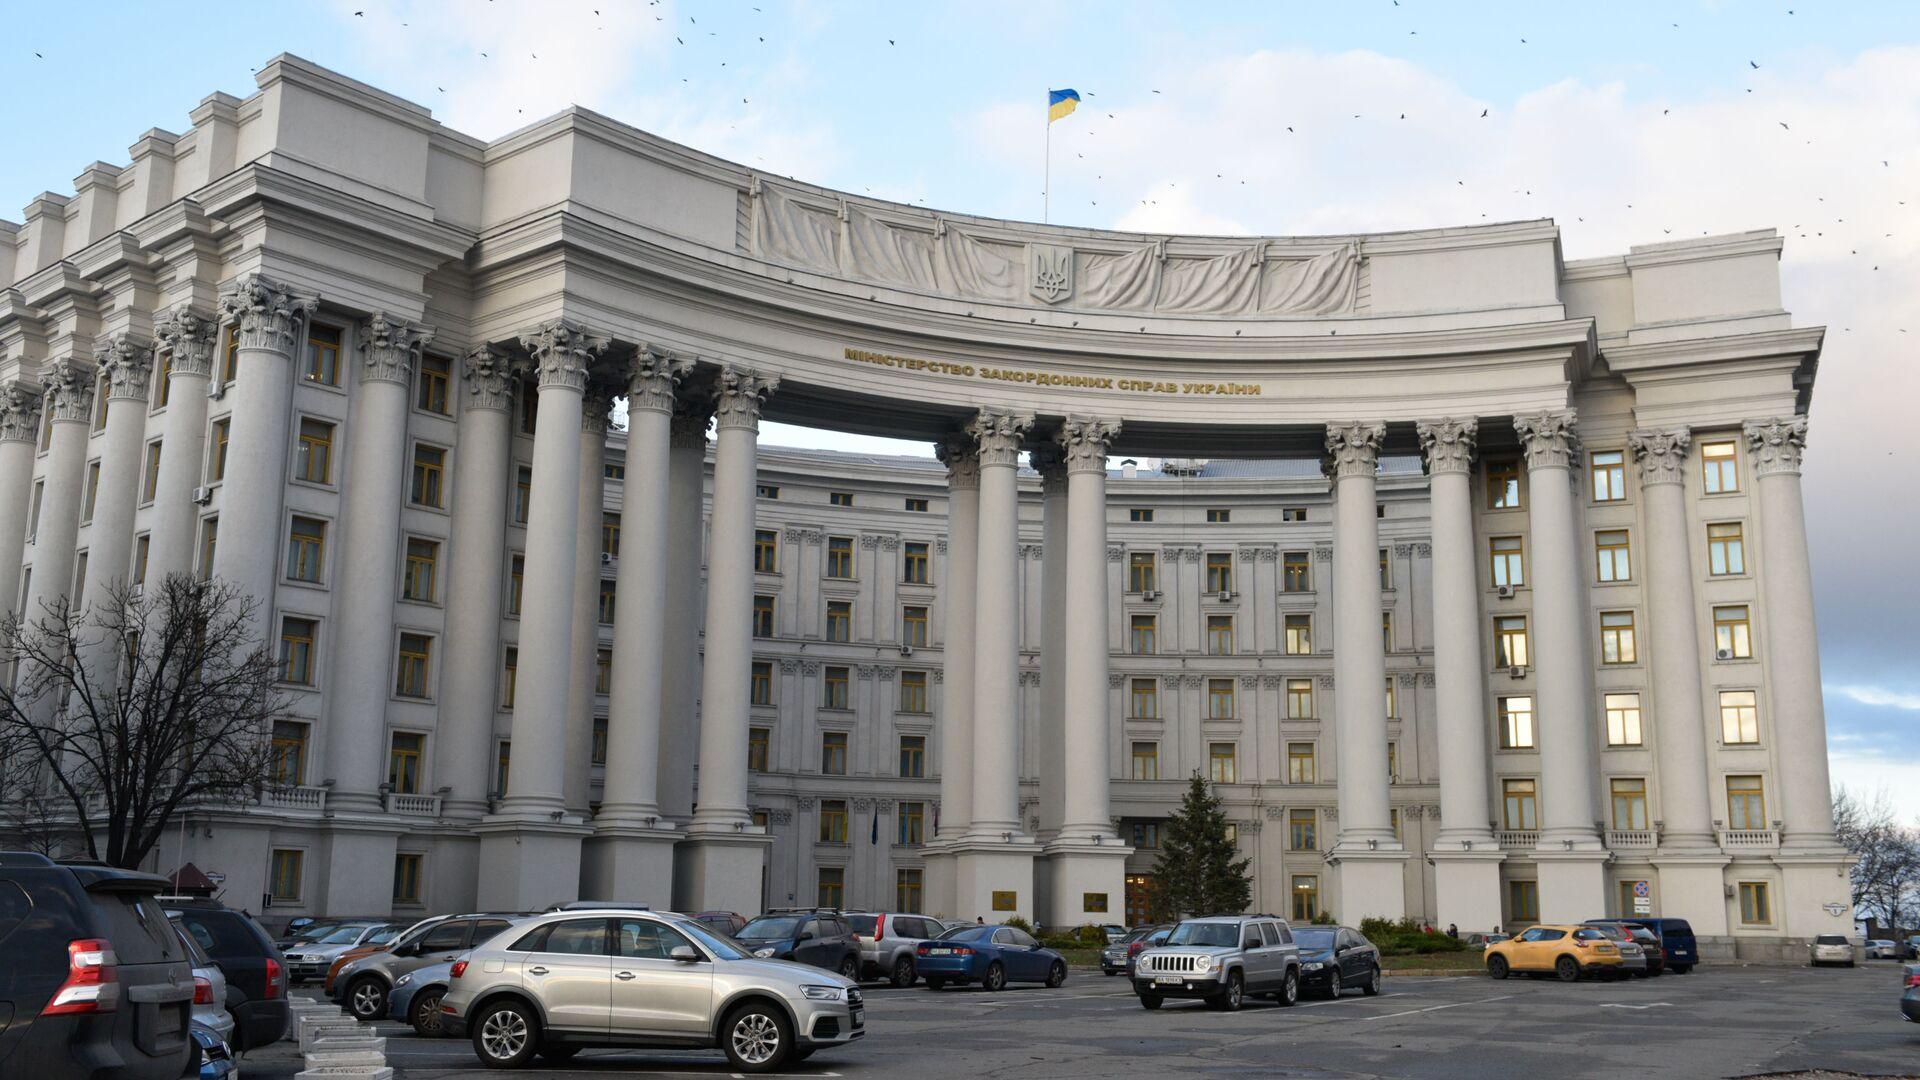 Здание министерства иностранных дел в Киеве. - Sputnik Արմենիա, 1920, 23.08.2021